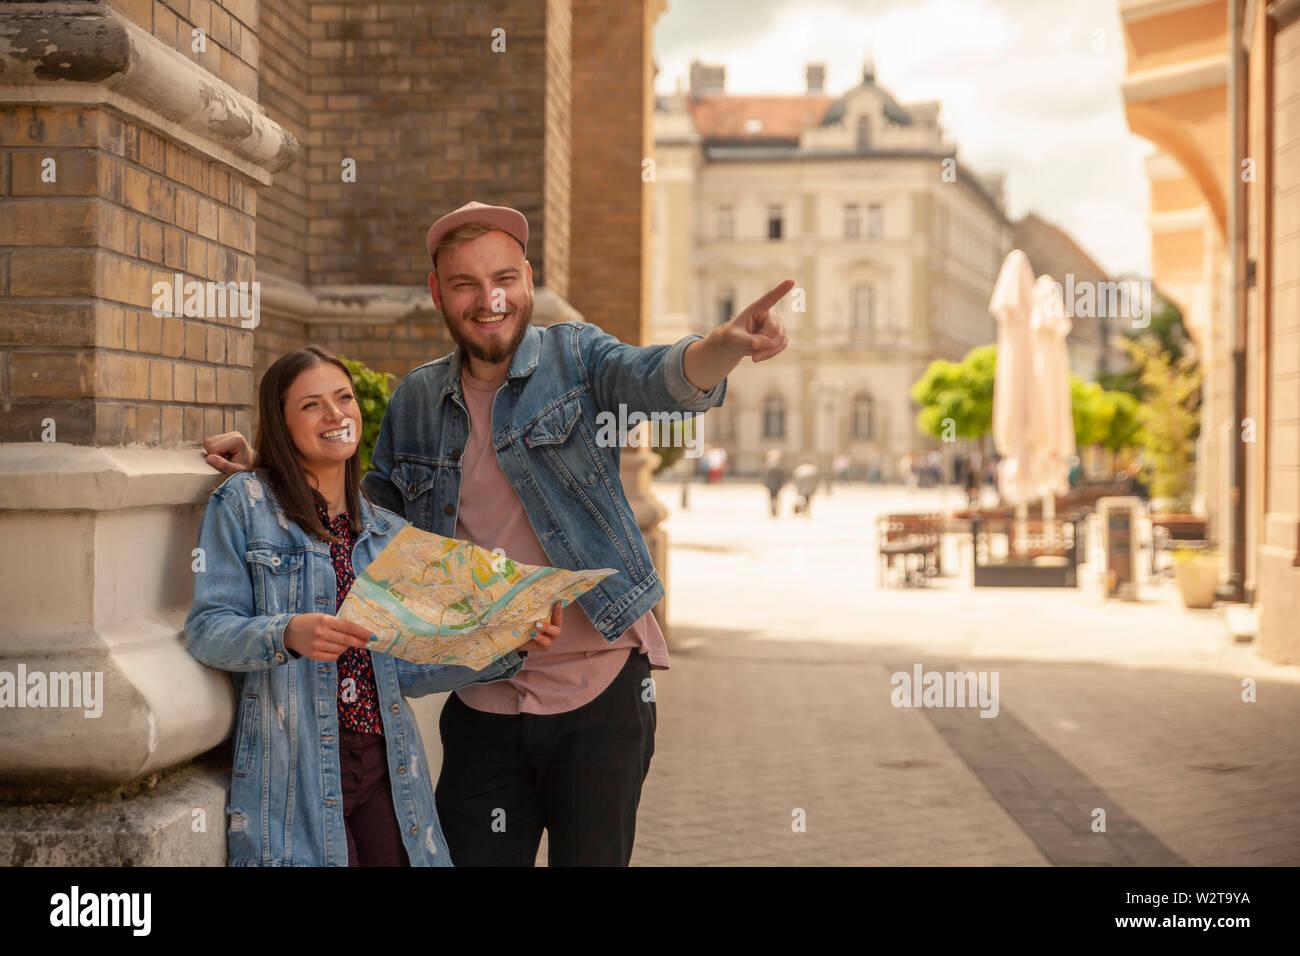 Due amici, o giovane, guardando la mappa di una città mentre un uomo è puntare il dito. Ubicazione Novi Sad Serbia. Foto Stock